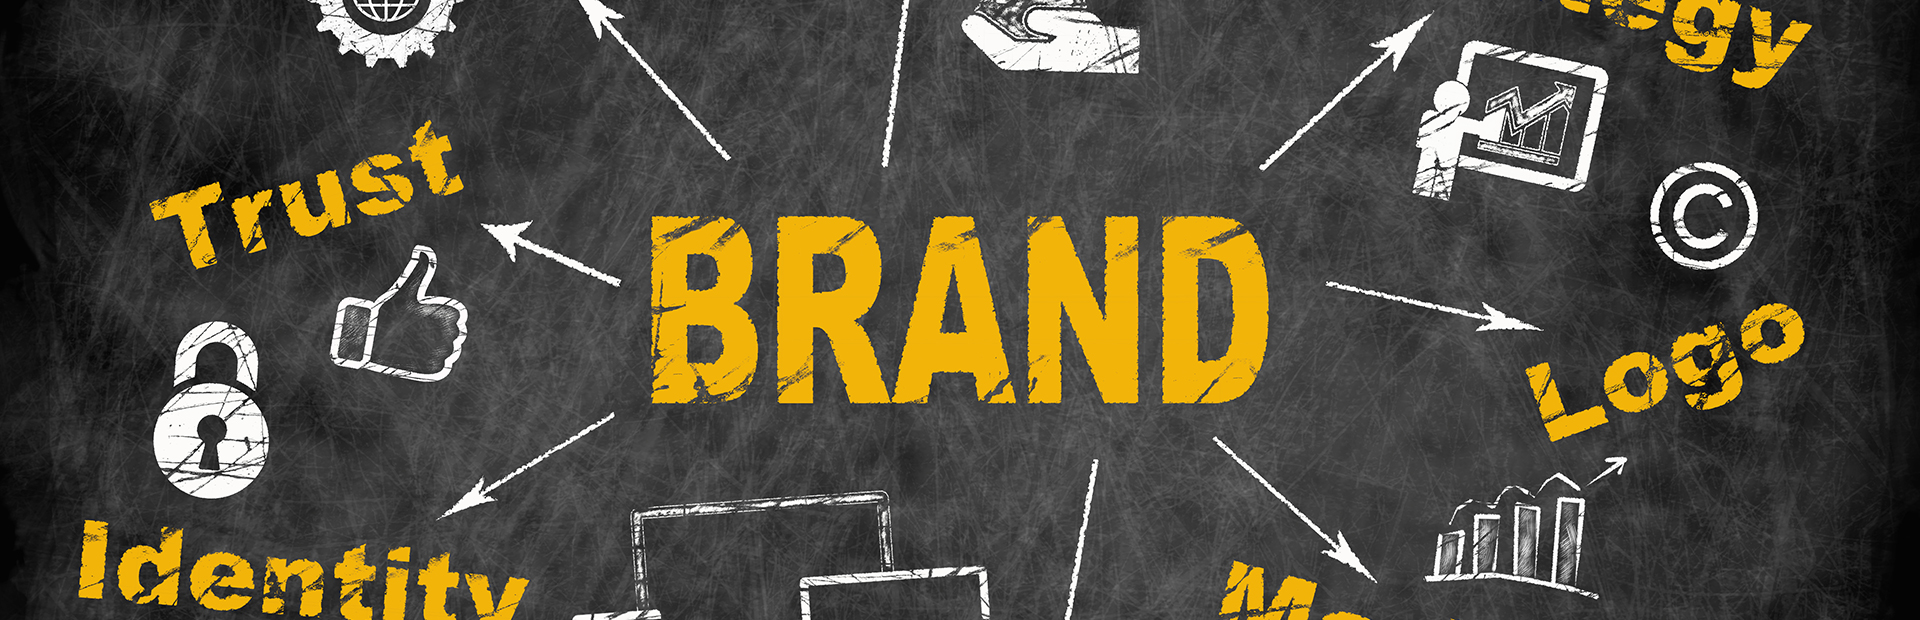 Au viteff, conférence sur la stratégie de marque